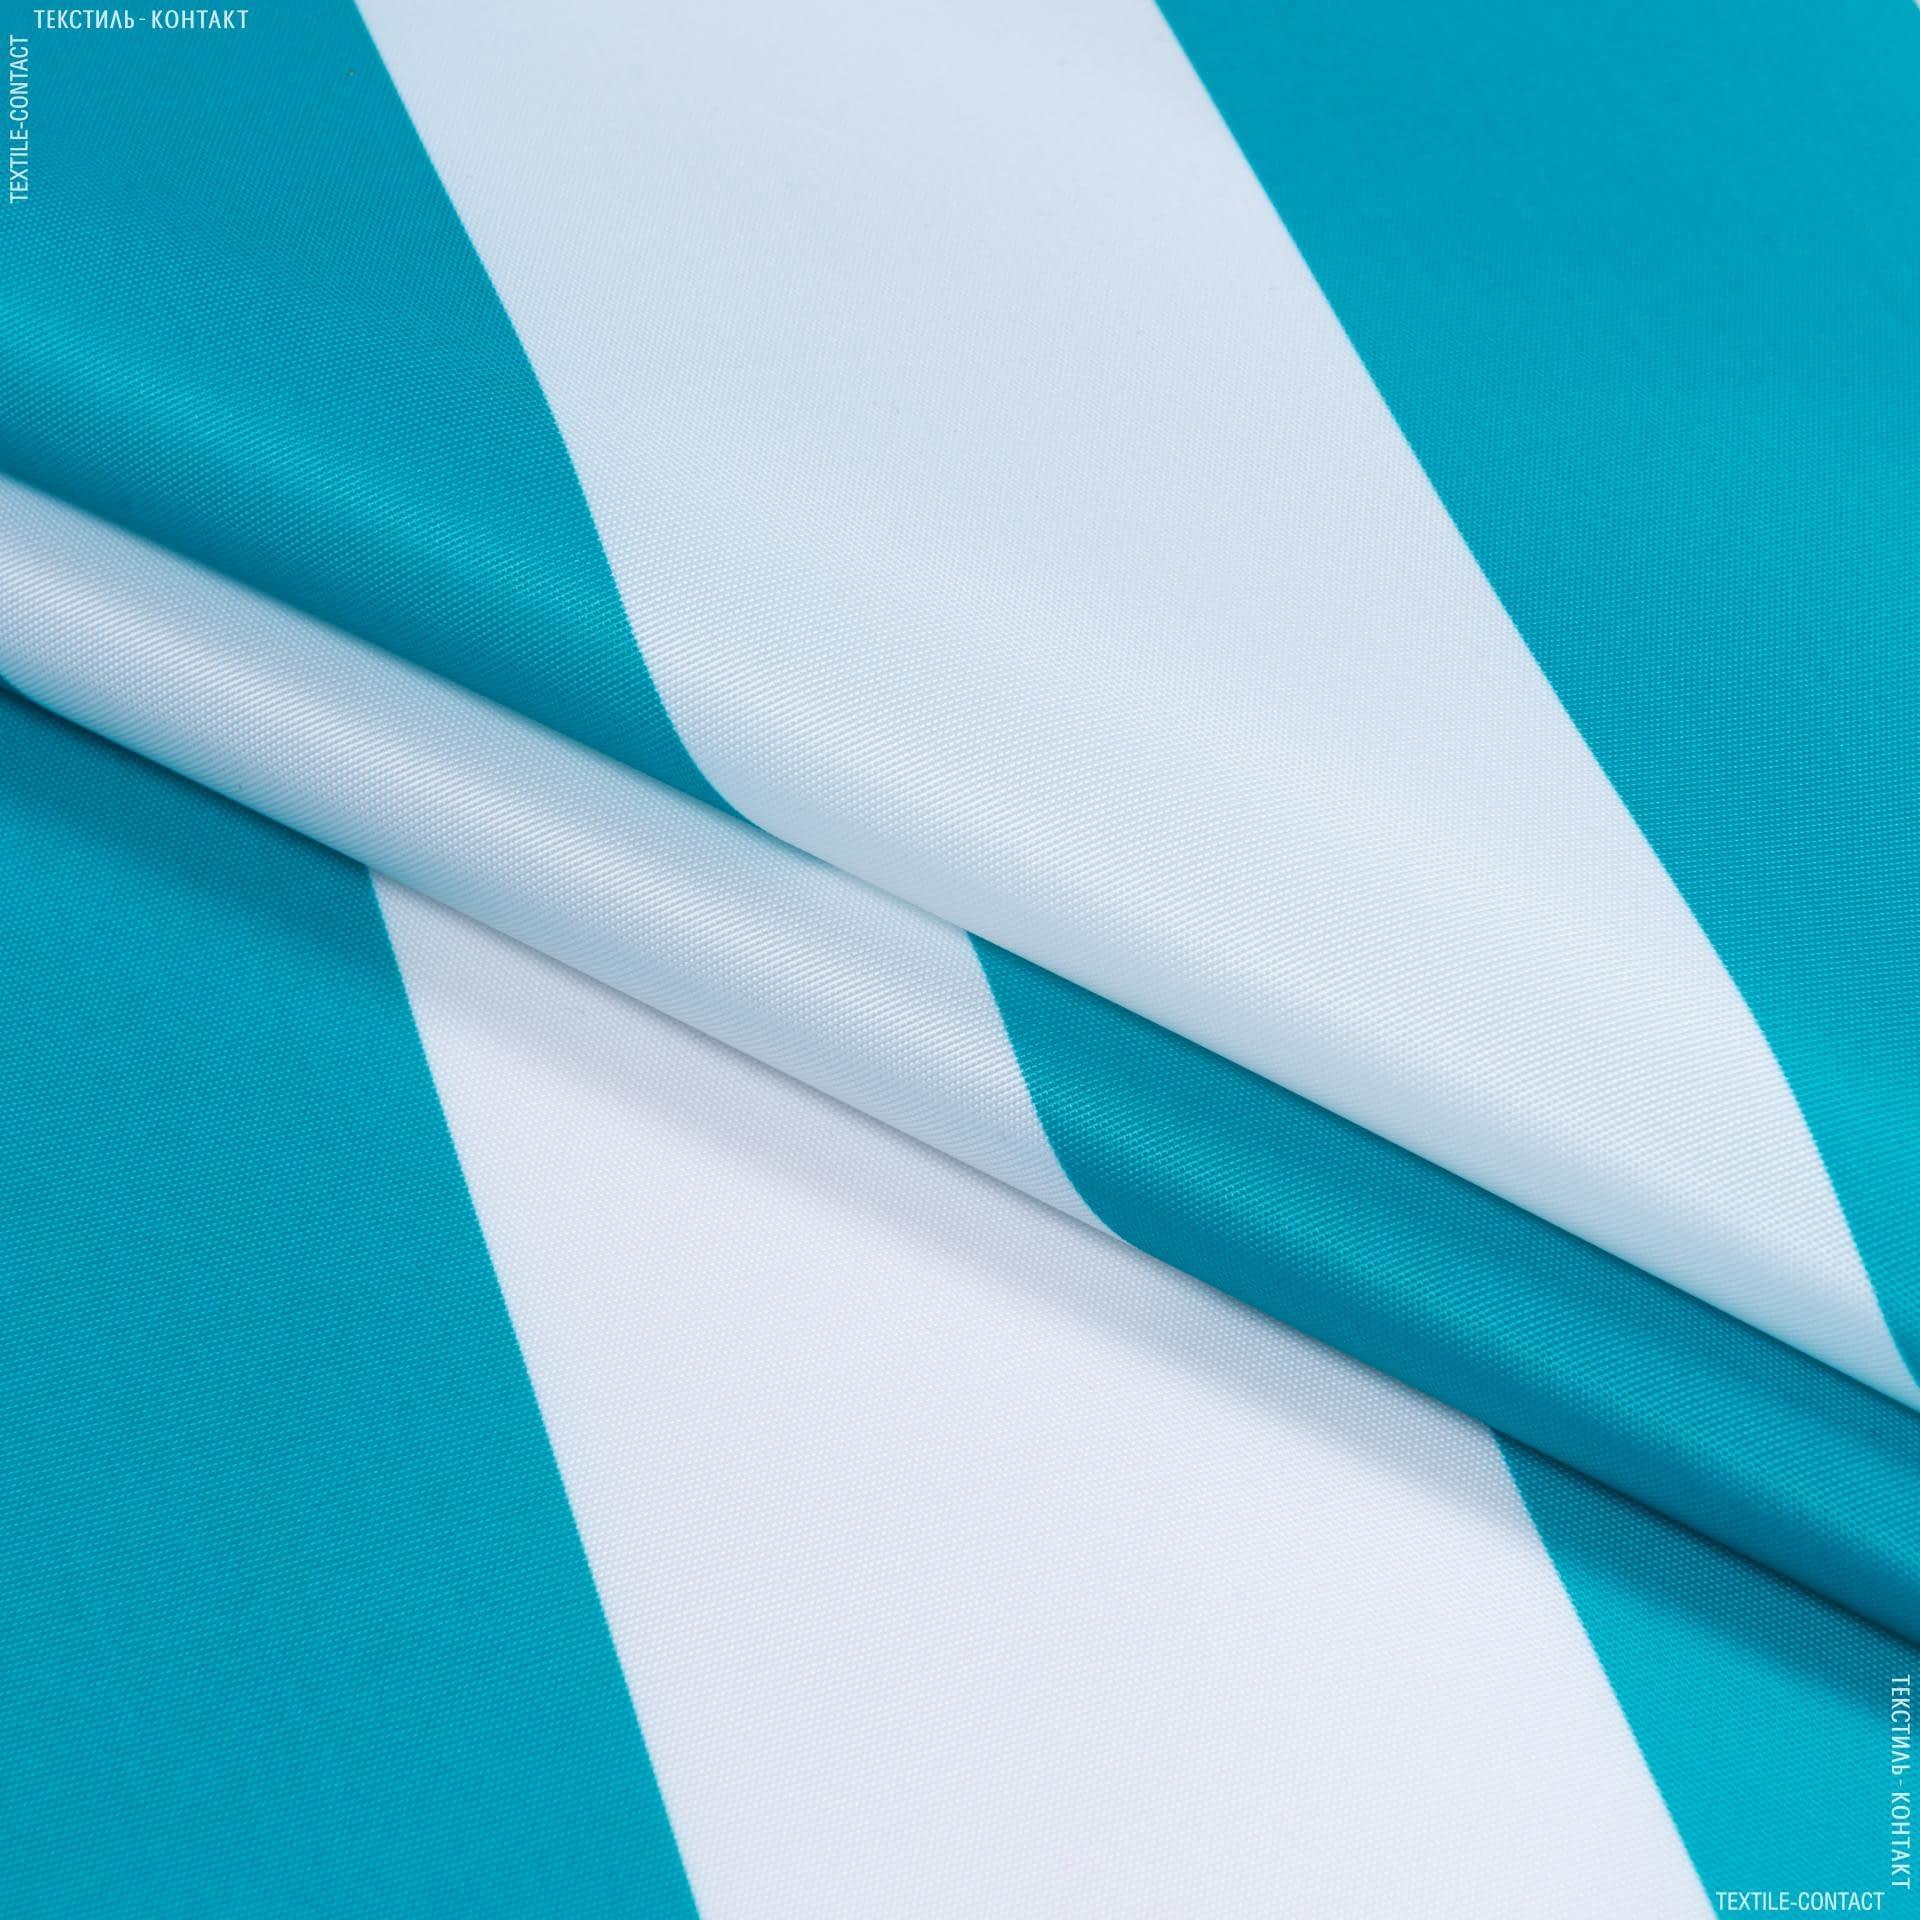 Ткани для палаток - Оксфорд-135 полоса белый/бирюзовый